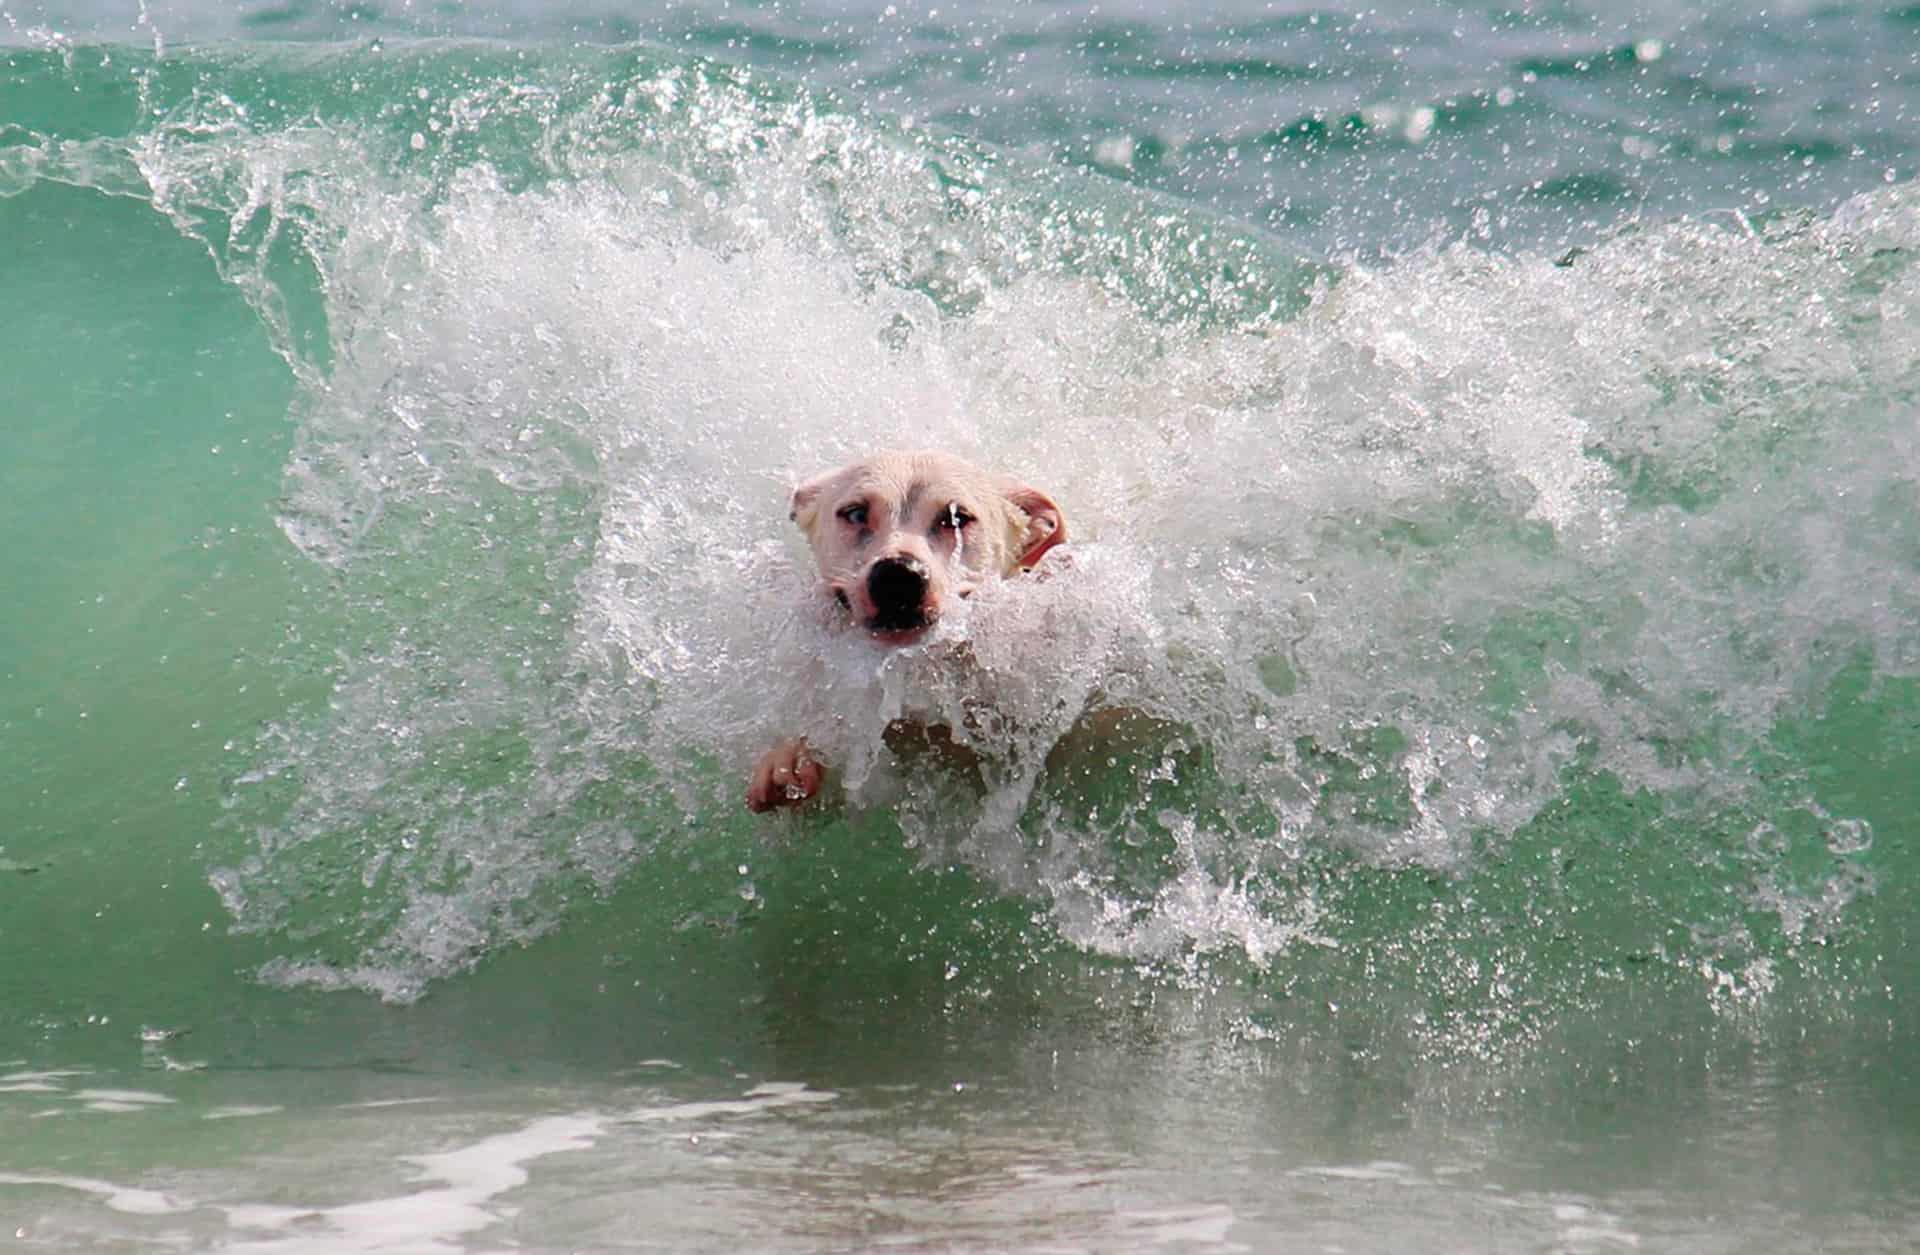 En verano, cuidamos de nuestro pelo... y del de nuestro perro ¡también!